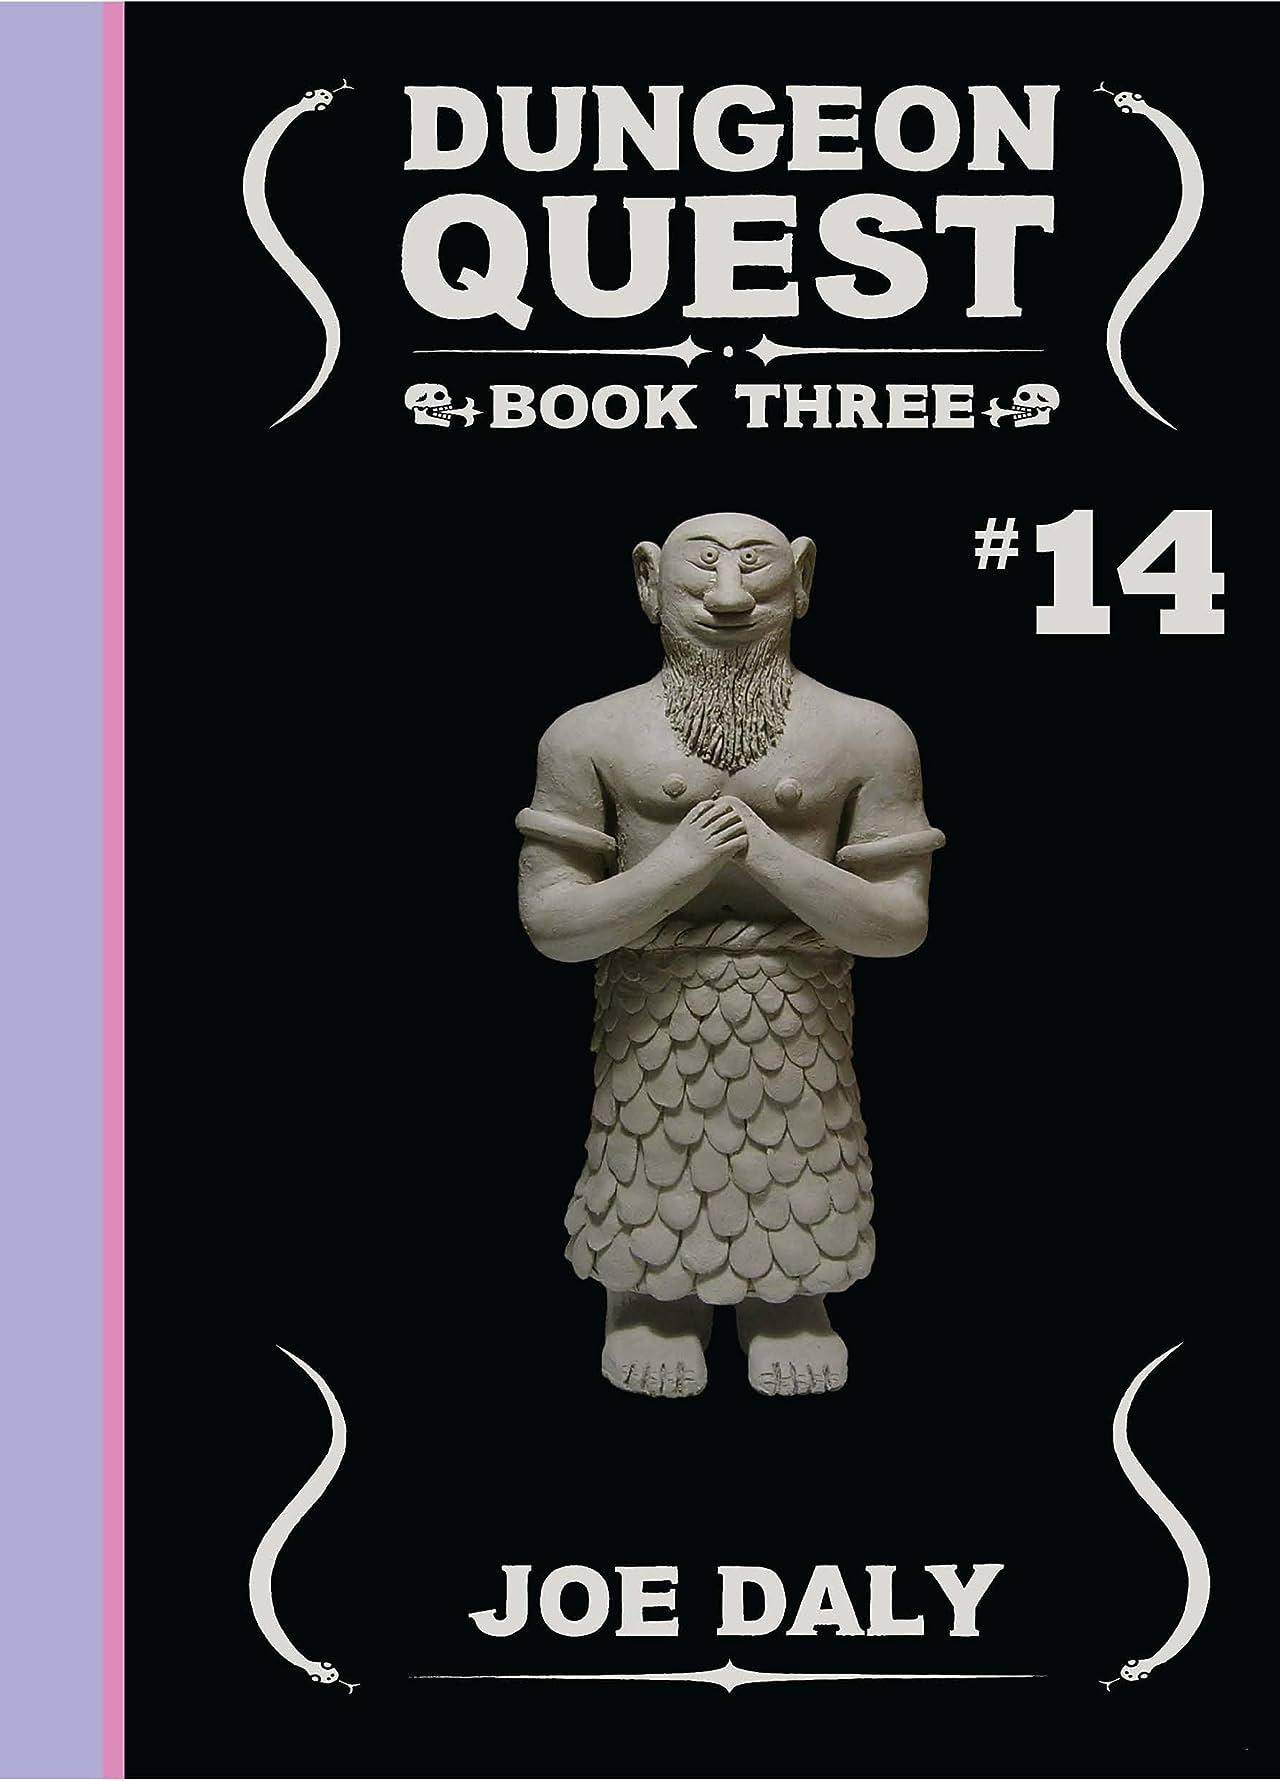 Dungeon Quest Book Three #14